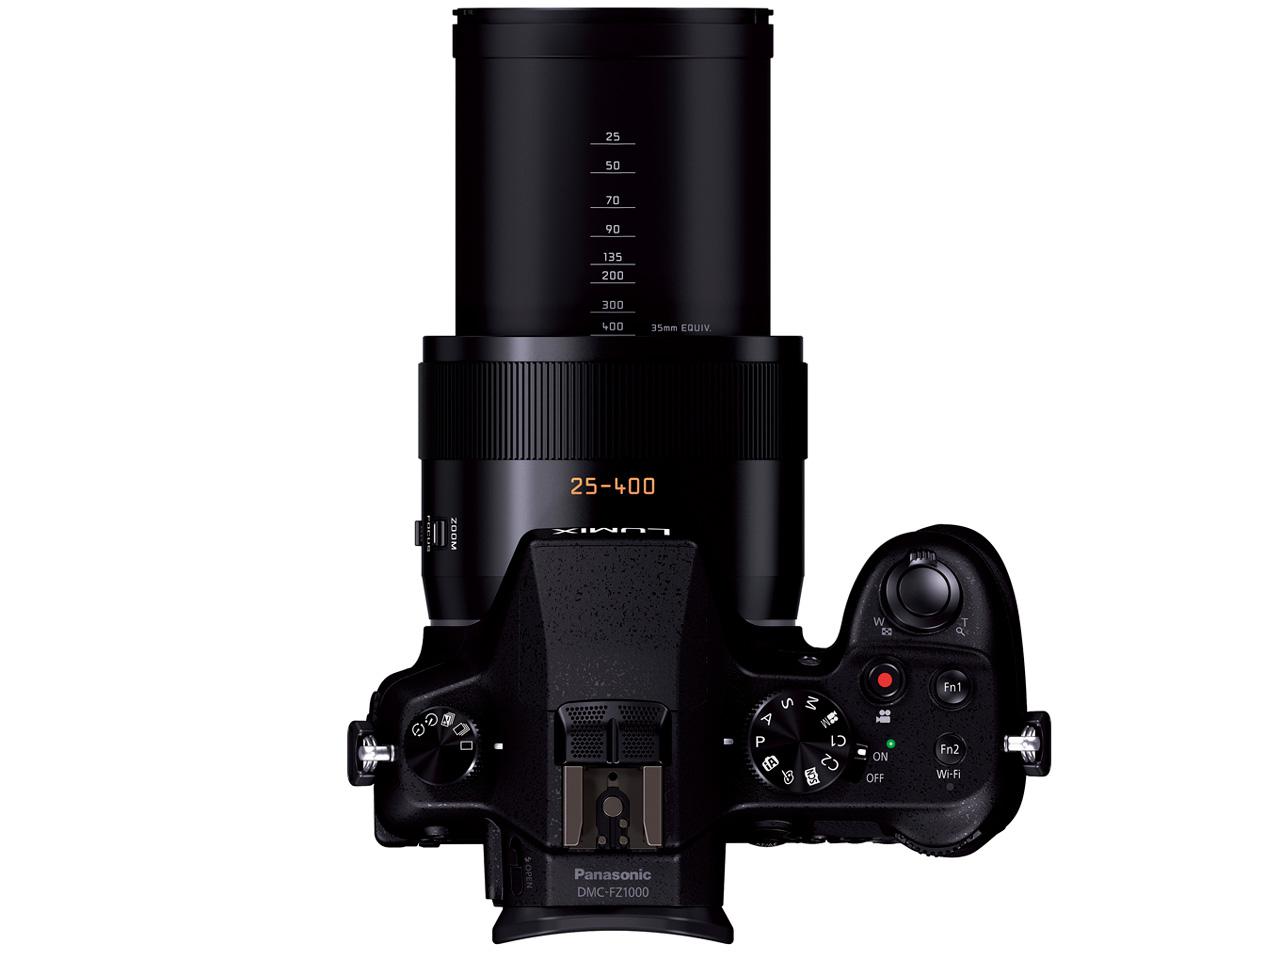 『本体 上面2』 LUMIX DMC-FZ1000 の製品画像